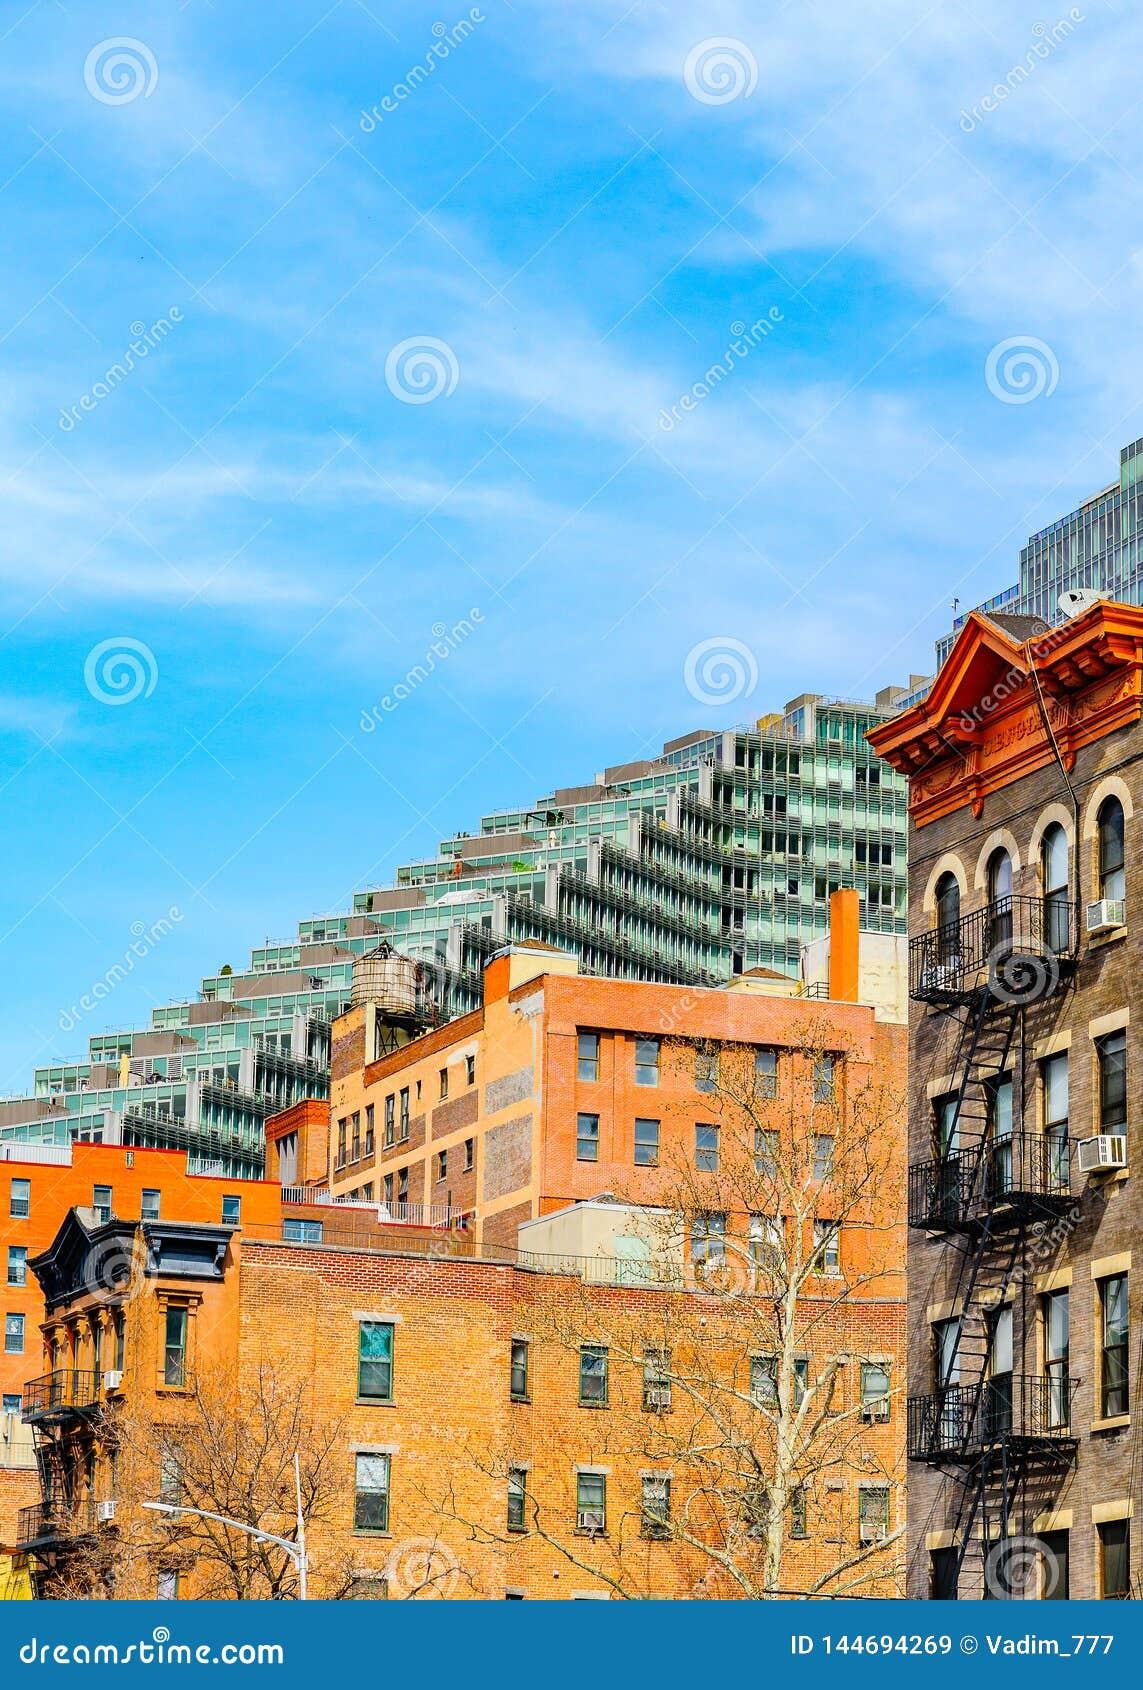 Old-fashioned avec l échelle de sortie de secours sur la façade de bâtiment et immeuble moderne à Manhattan, New York City